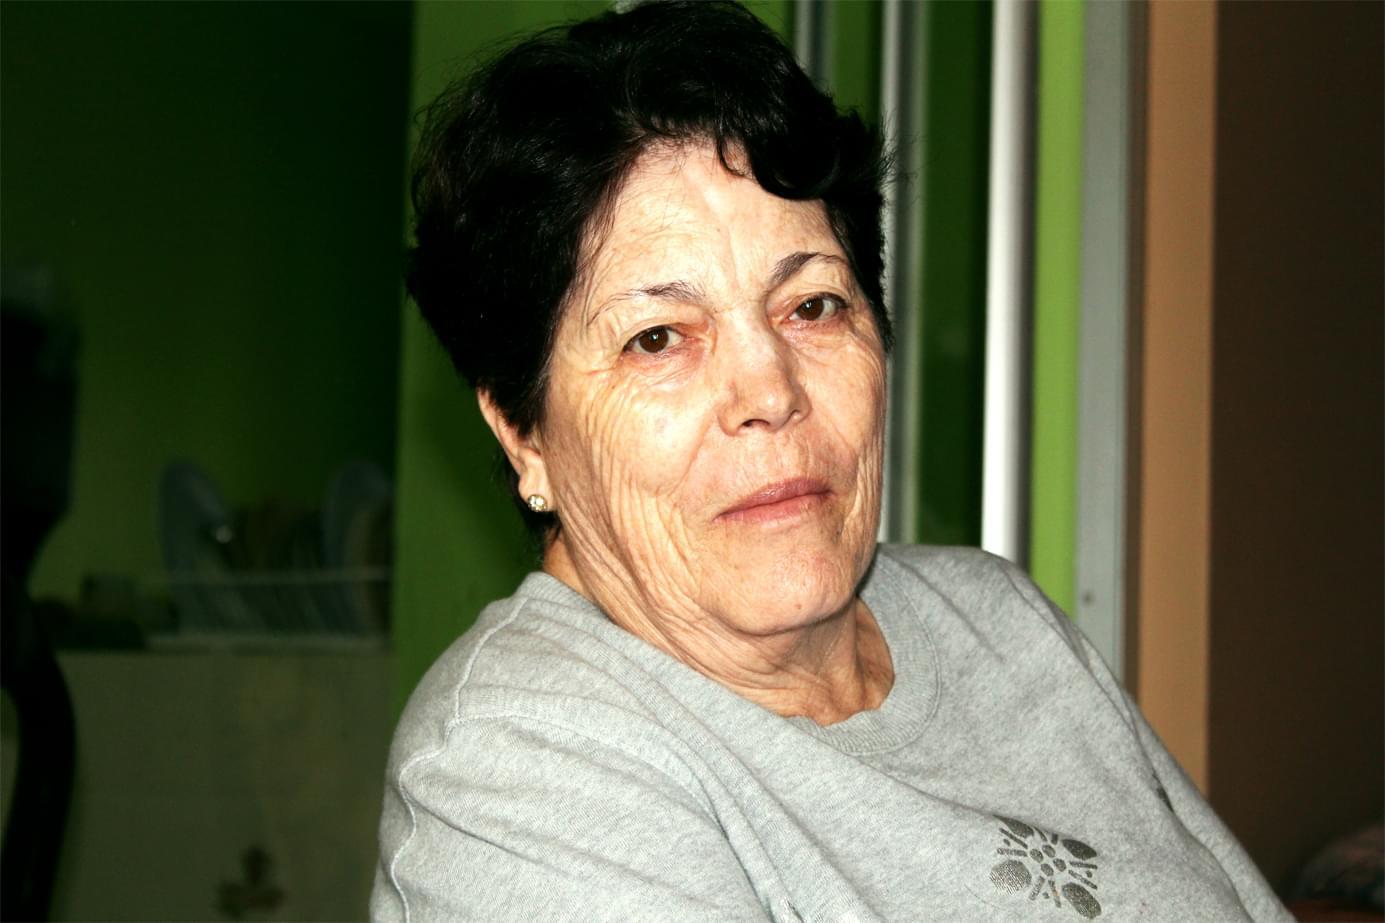 Abuelita Coco - Our Grandma